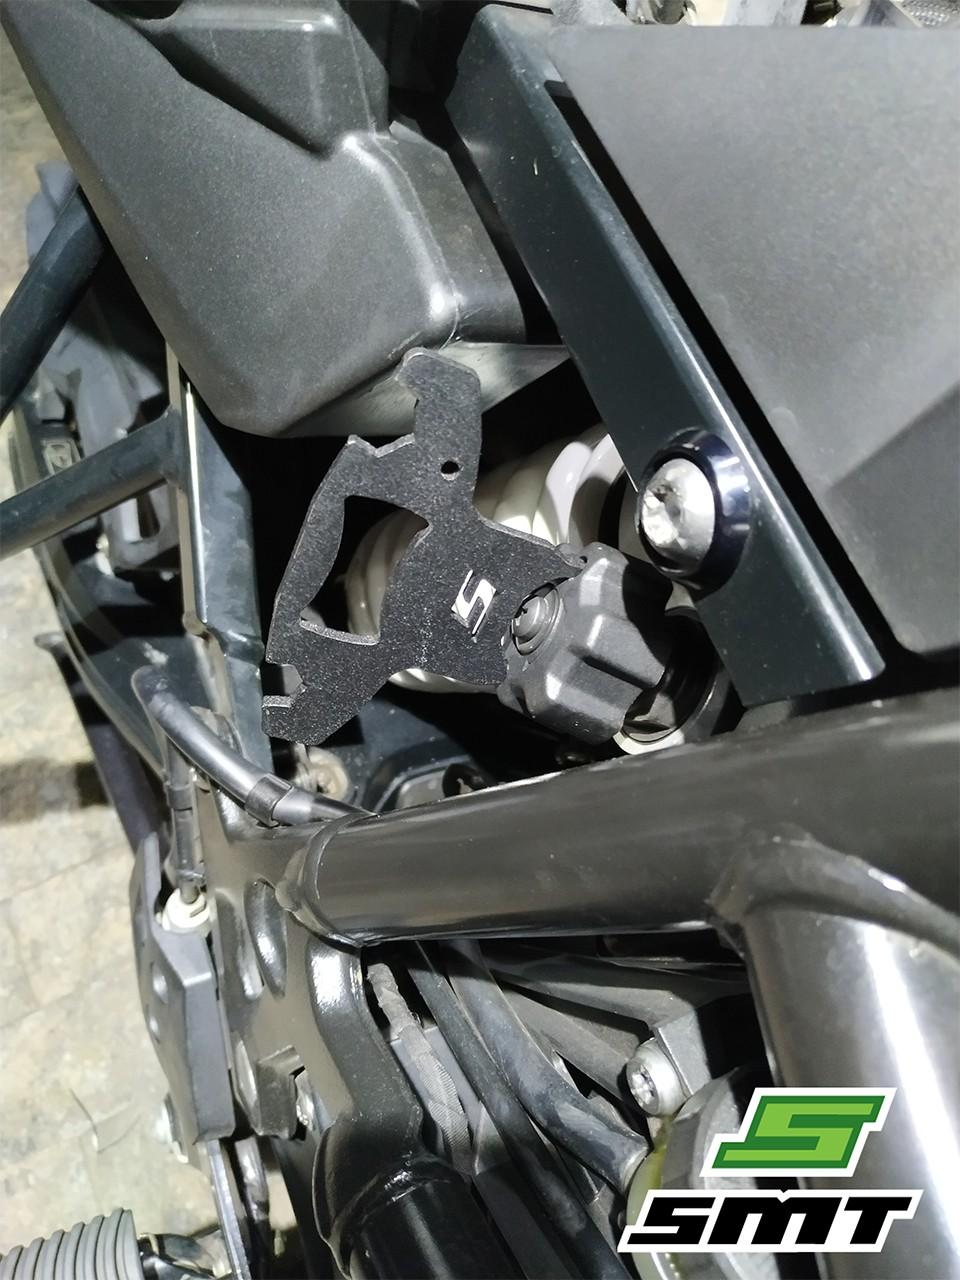 Imagem do produto Chave de regulagem suspensão traseira F800GS